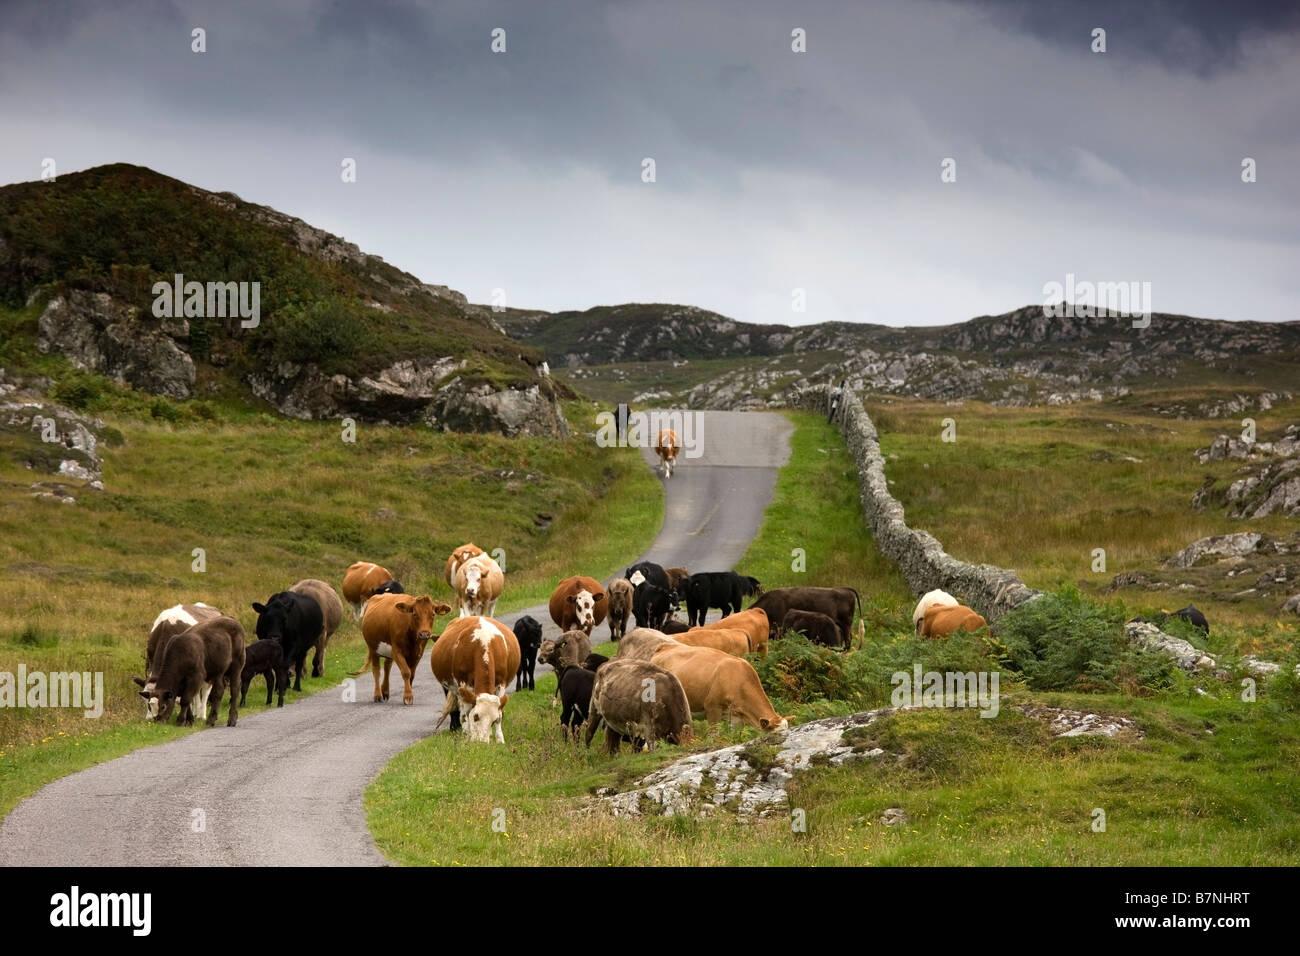 Bovini su una strada rurale, Scozia Immagini Stock